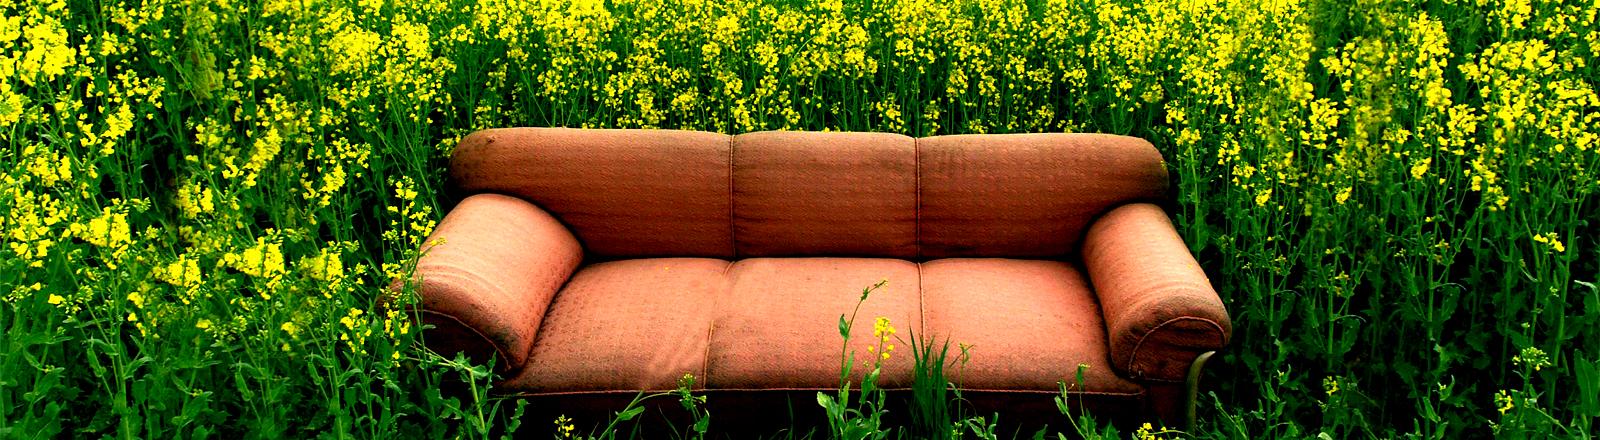 Eine rote Stoffcouch steht in einem grüngelben Rapsfeld